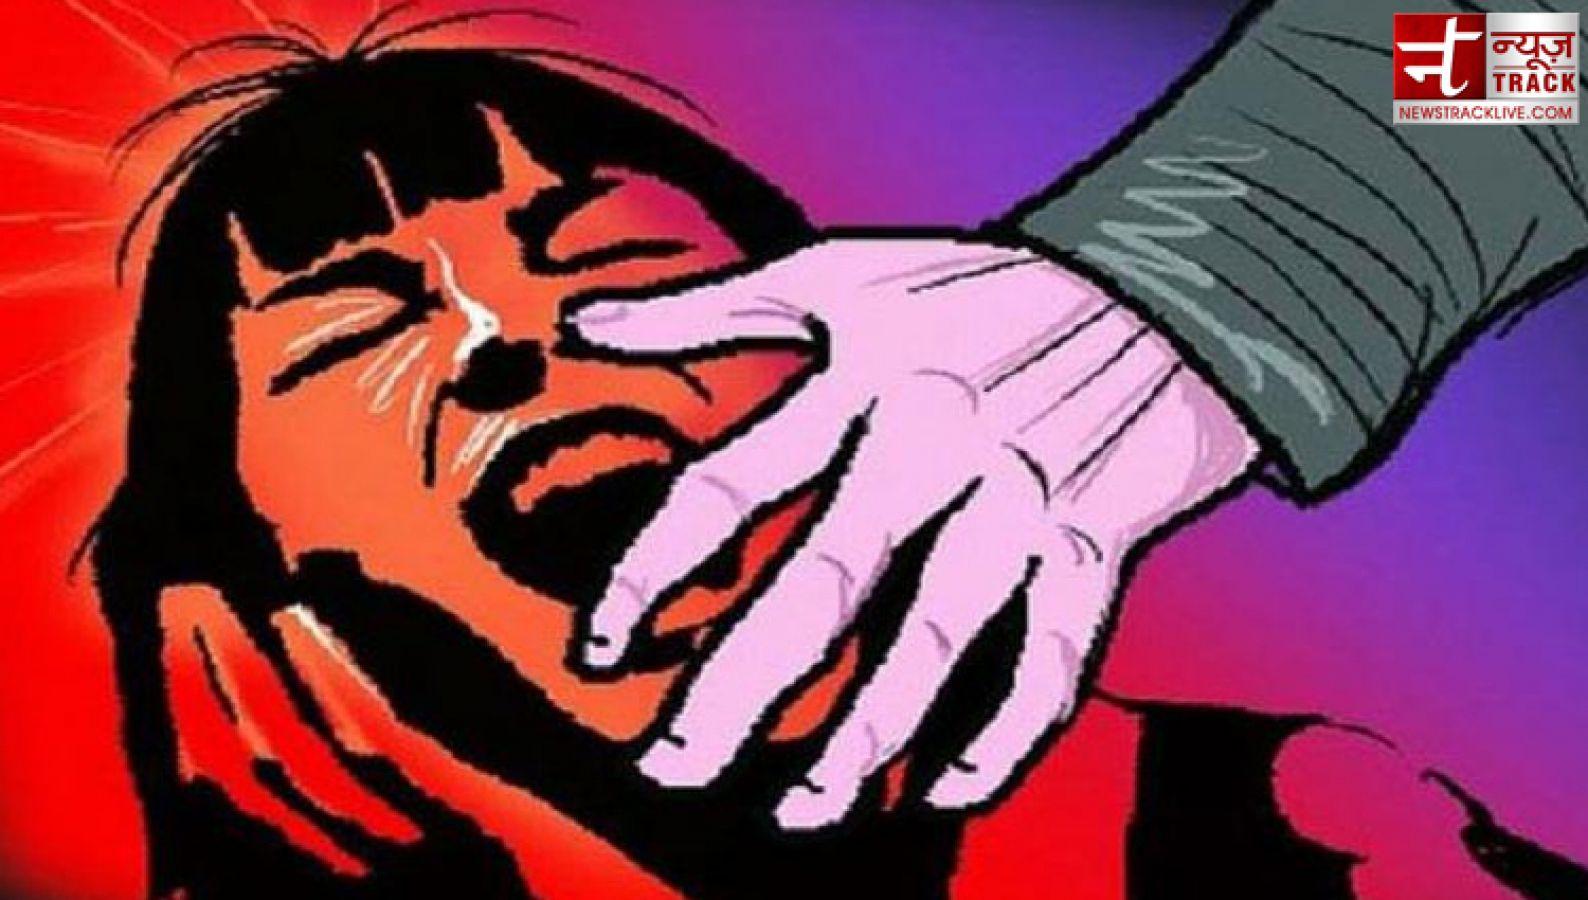 बॉयफ्रेंड संग घूमने गई लड़की को नकली पुलिसवालों ने पकड़ा और कर दिया तार-तार